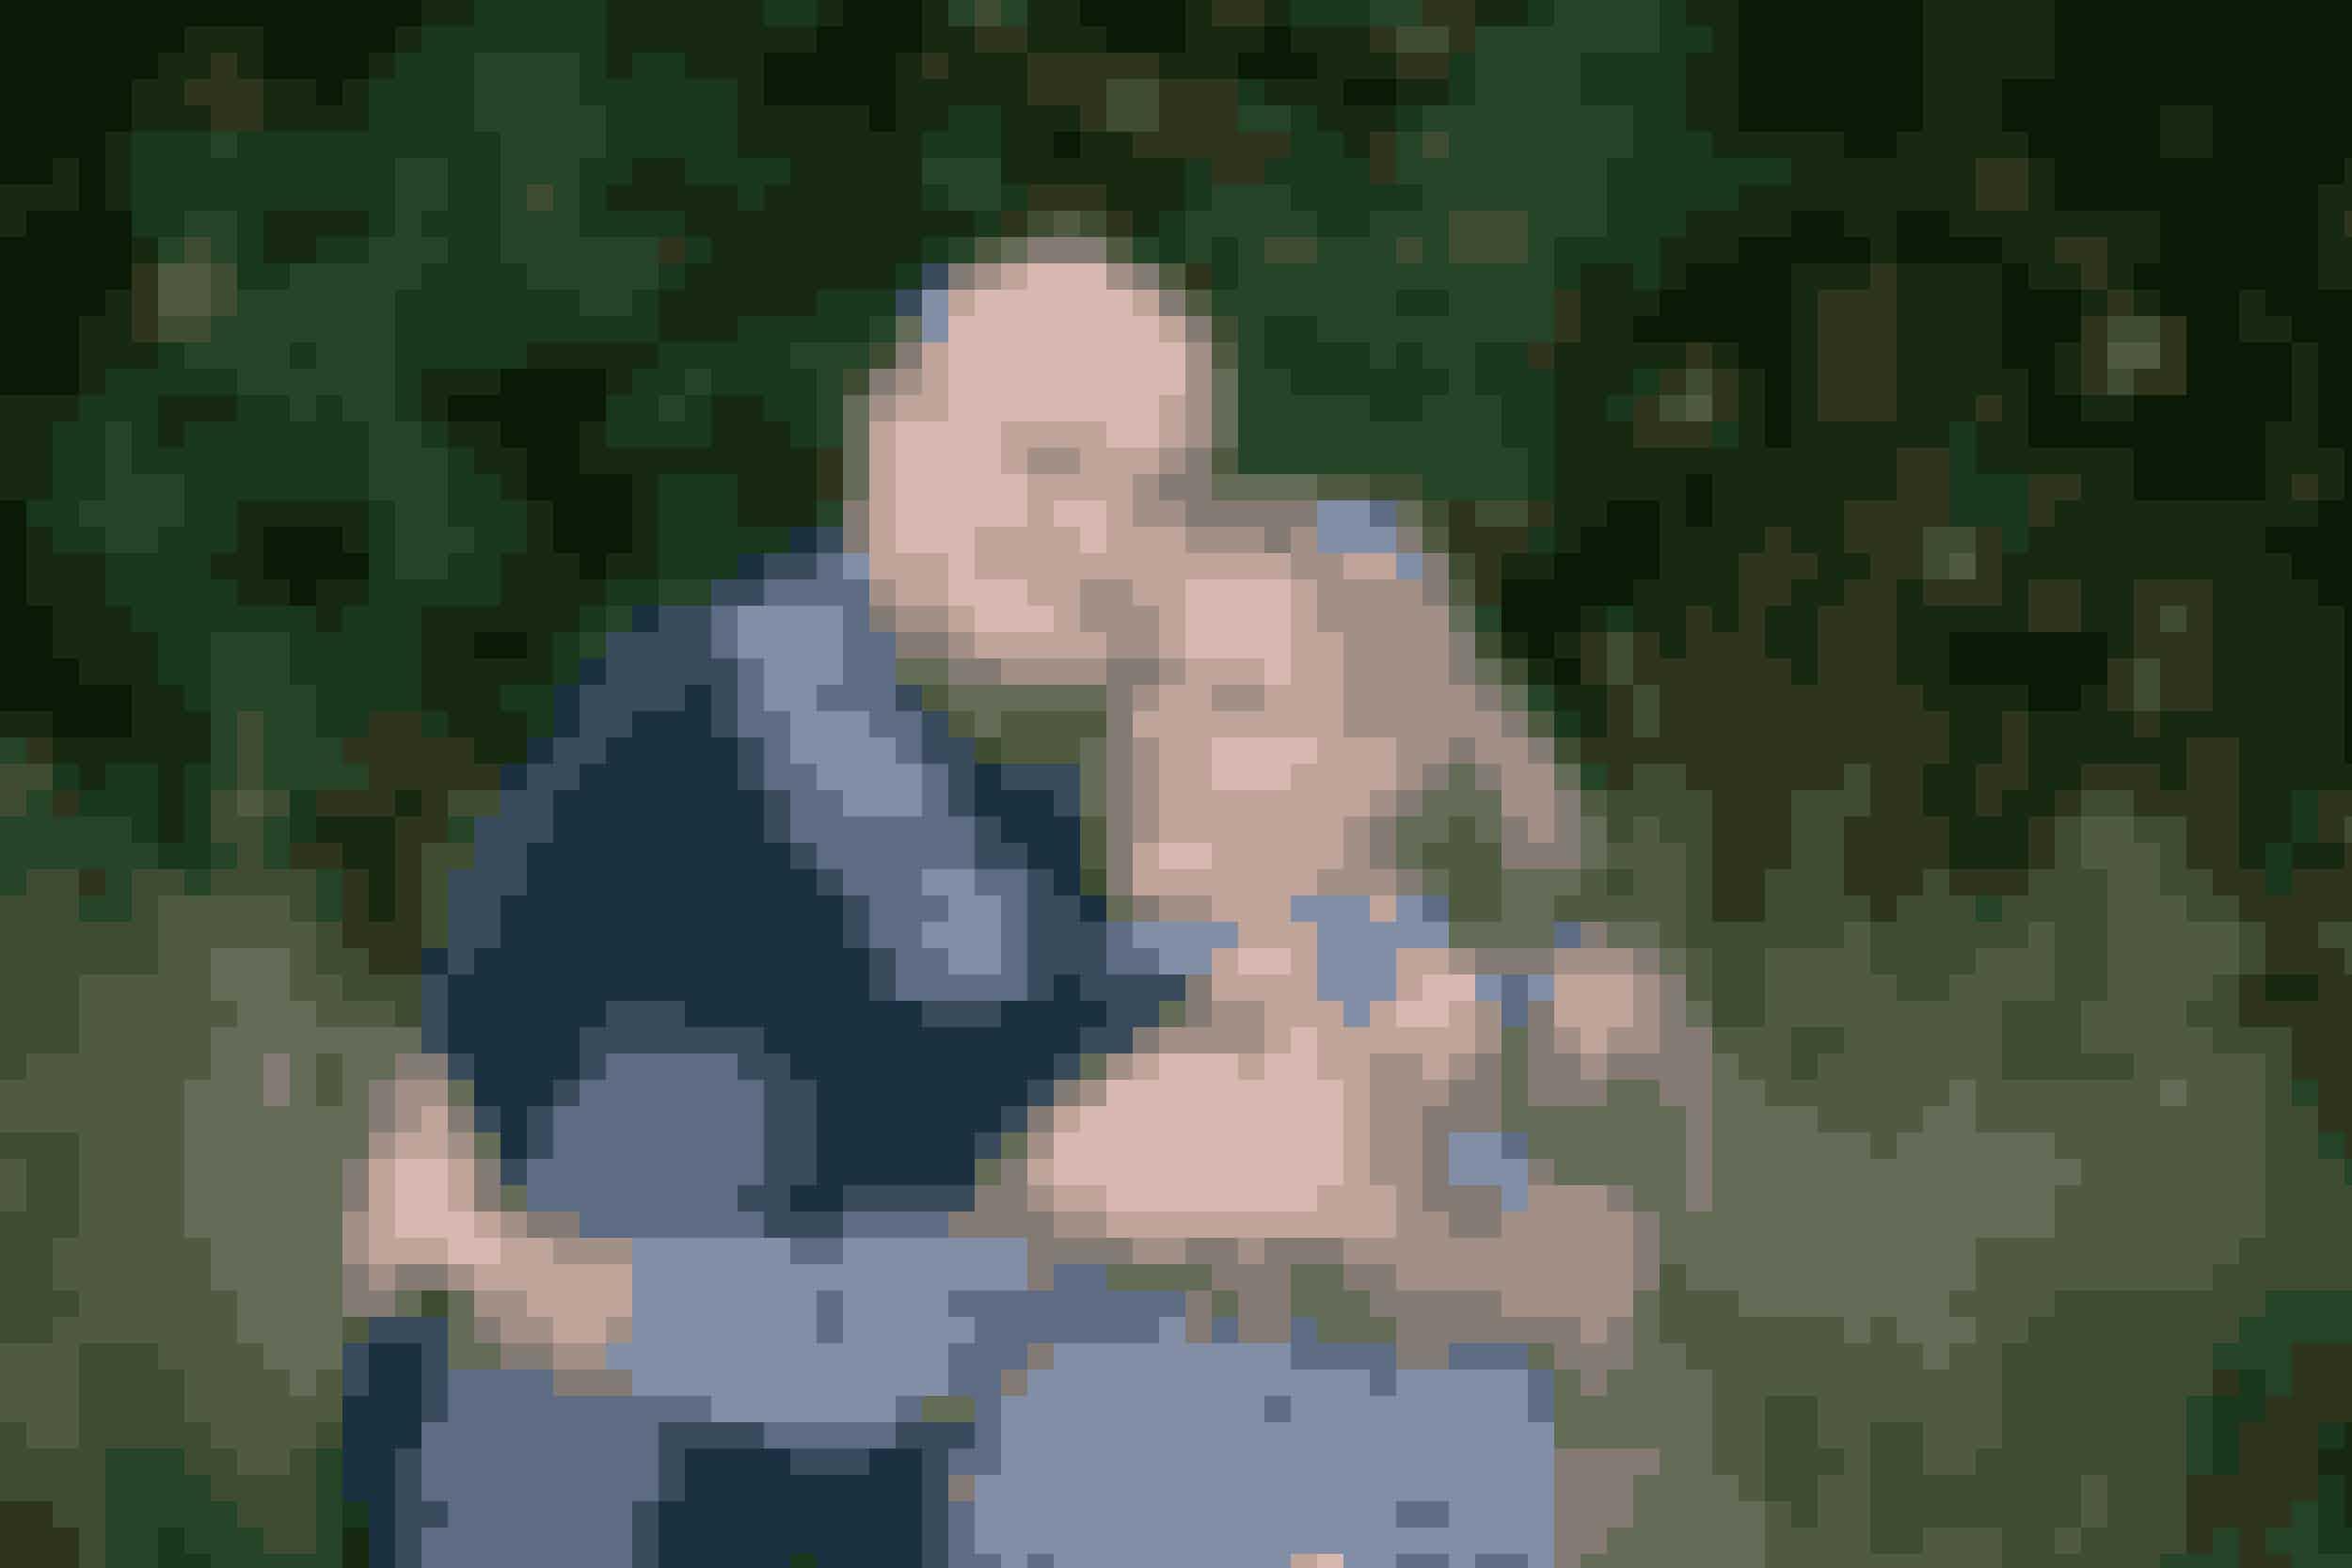 """René og hans kone, Sanne, medvirker i den nye biograffilm """"Kandis for livet"""", som er en dokumentar om en gruppe dedikerede Kandis-fans, der gennem deres unikke forhold til dansktopbandet Kandis og forsangeren Johnny Hansen finder trøst og mening med livet. Filmen har premiere i biografer landet over den 23. september."""